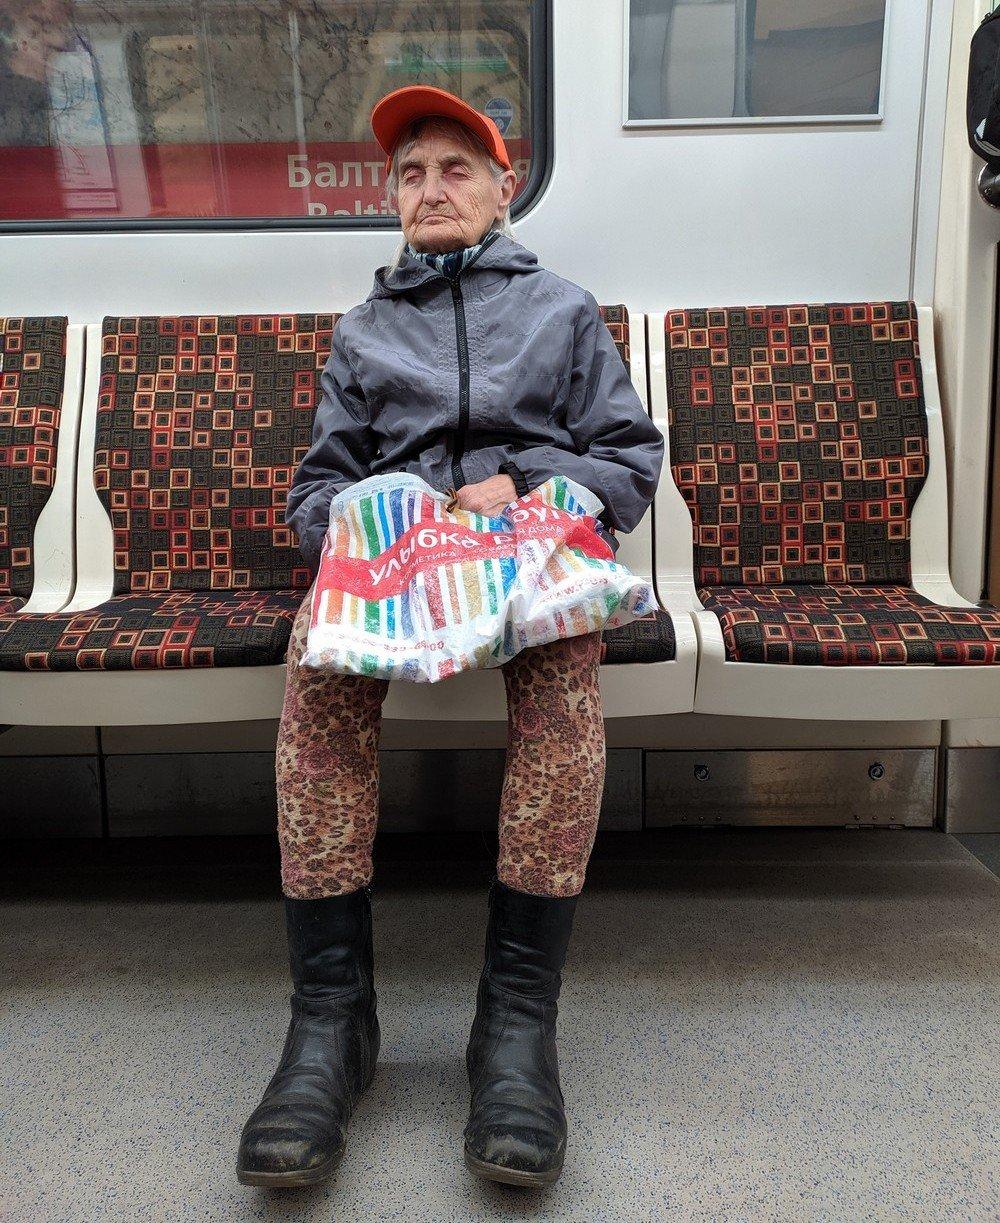 фотографии прикольно одетых людей в метро жилых домах